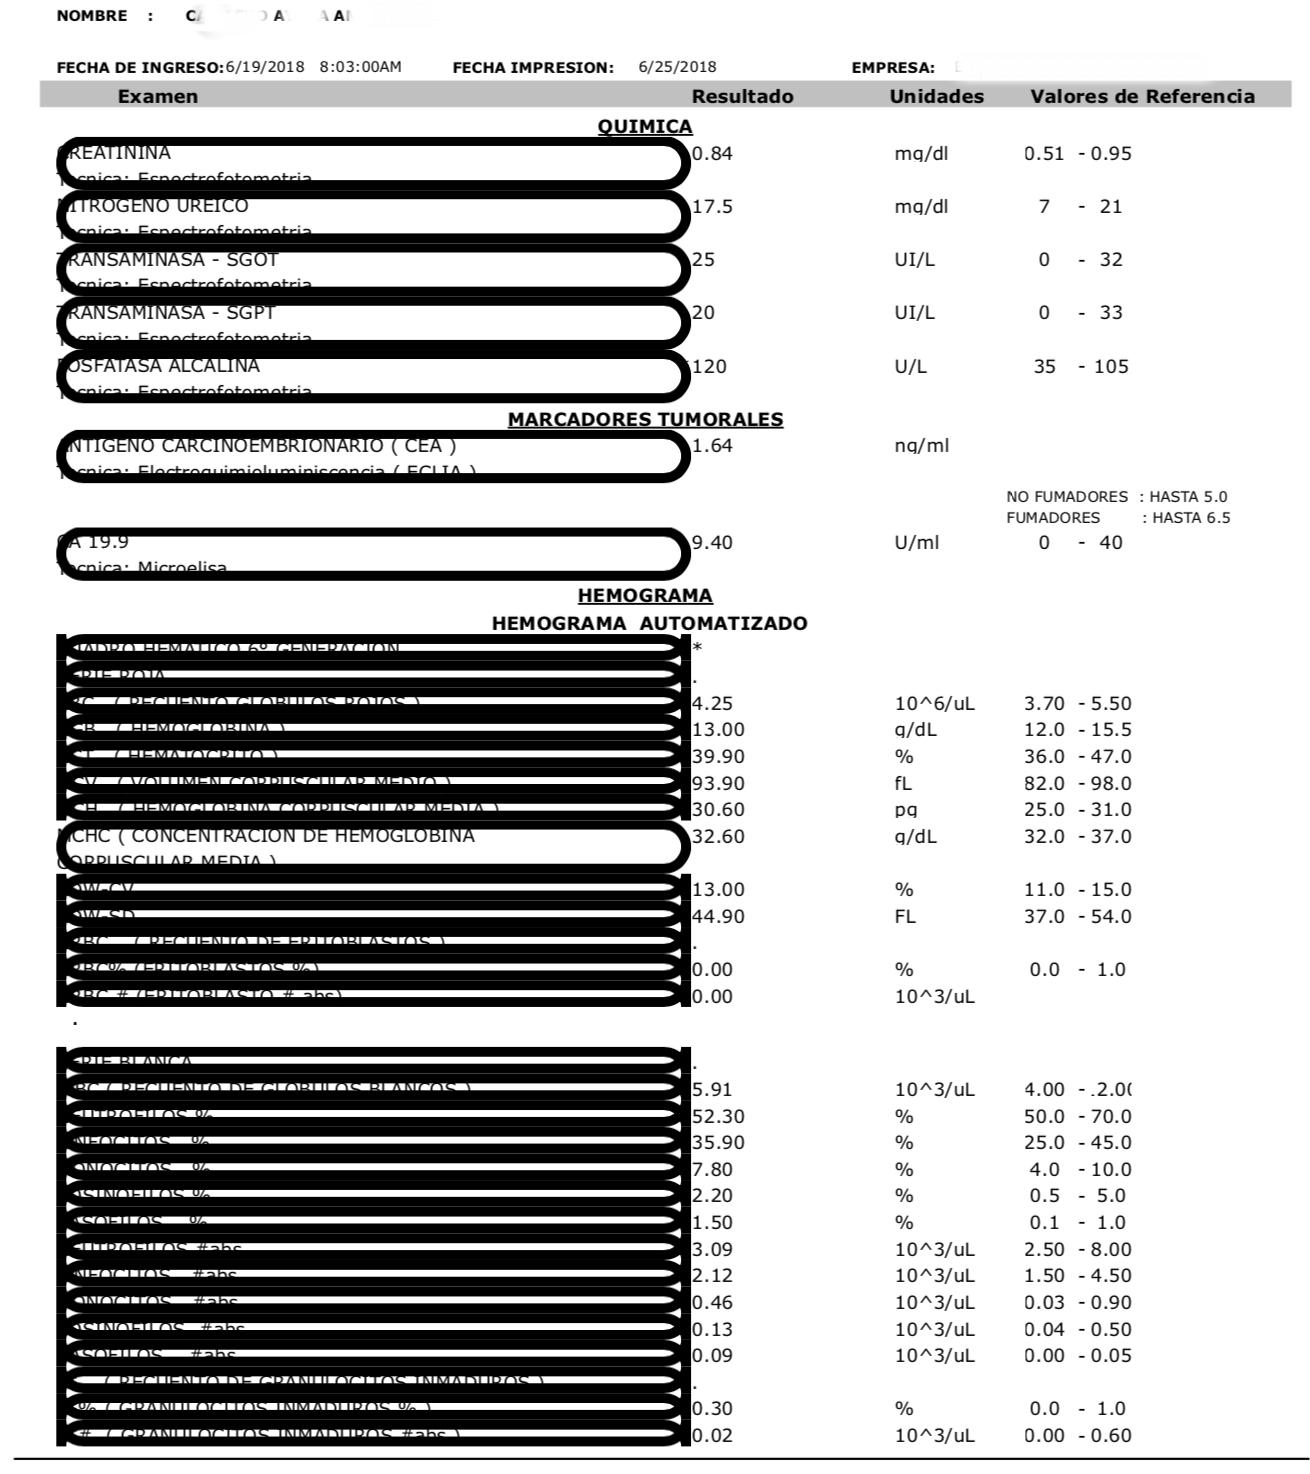 LifEscozul® - A.C.A. 5 - Cáncer de Cólon